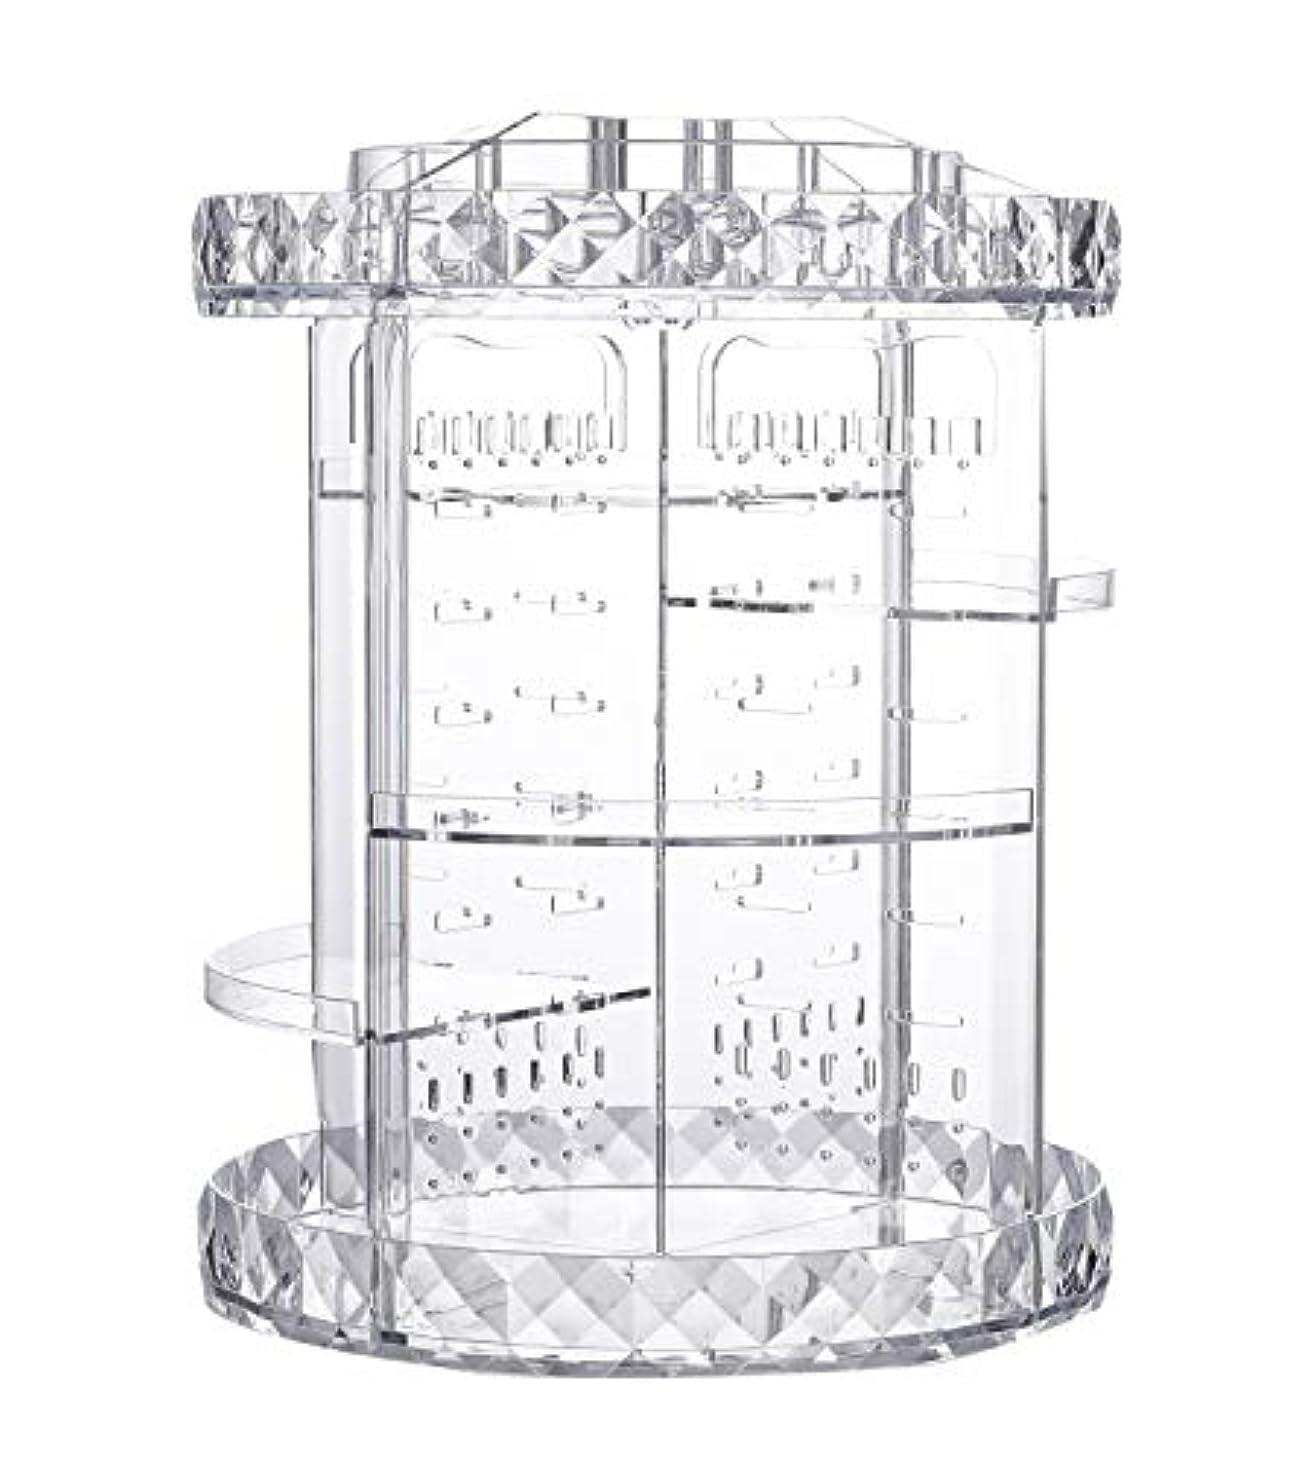 ペスト薬商業の化粧品収納ボックス ネックレス収納 アクセサリー収納 回転式360度 透明 メイクボックス 組み立て 調整可能